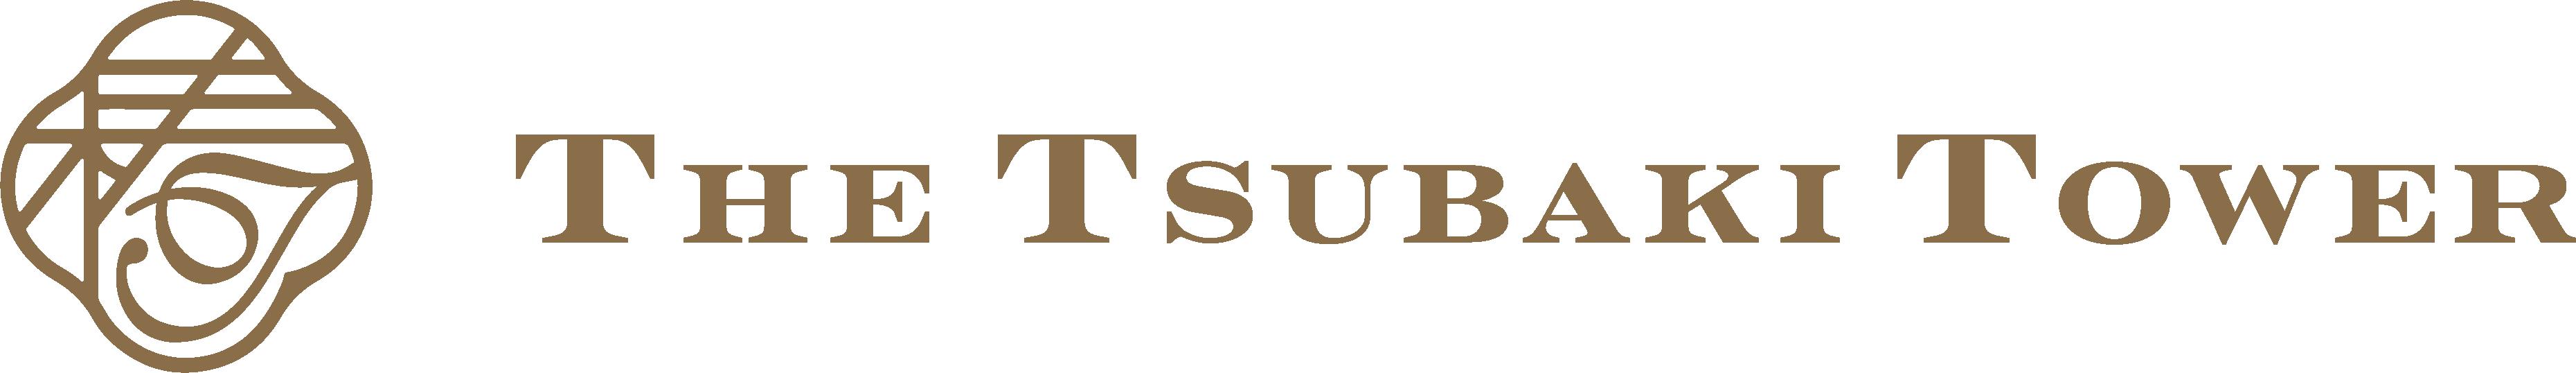 The Tsubaki Tower Logo